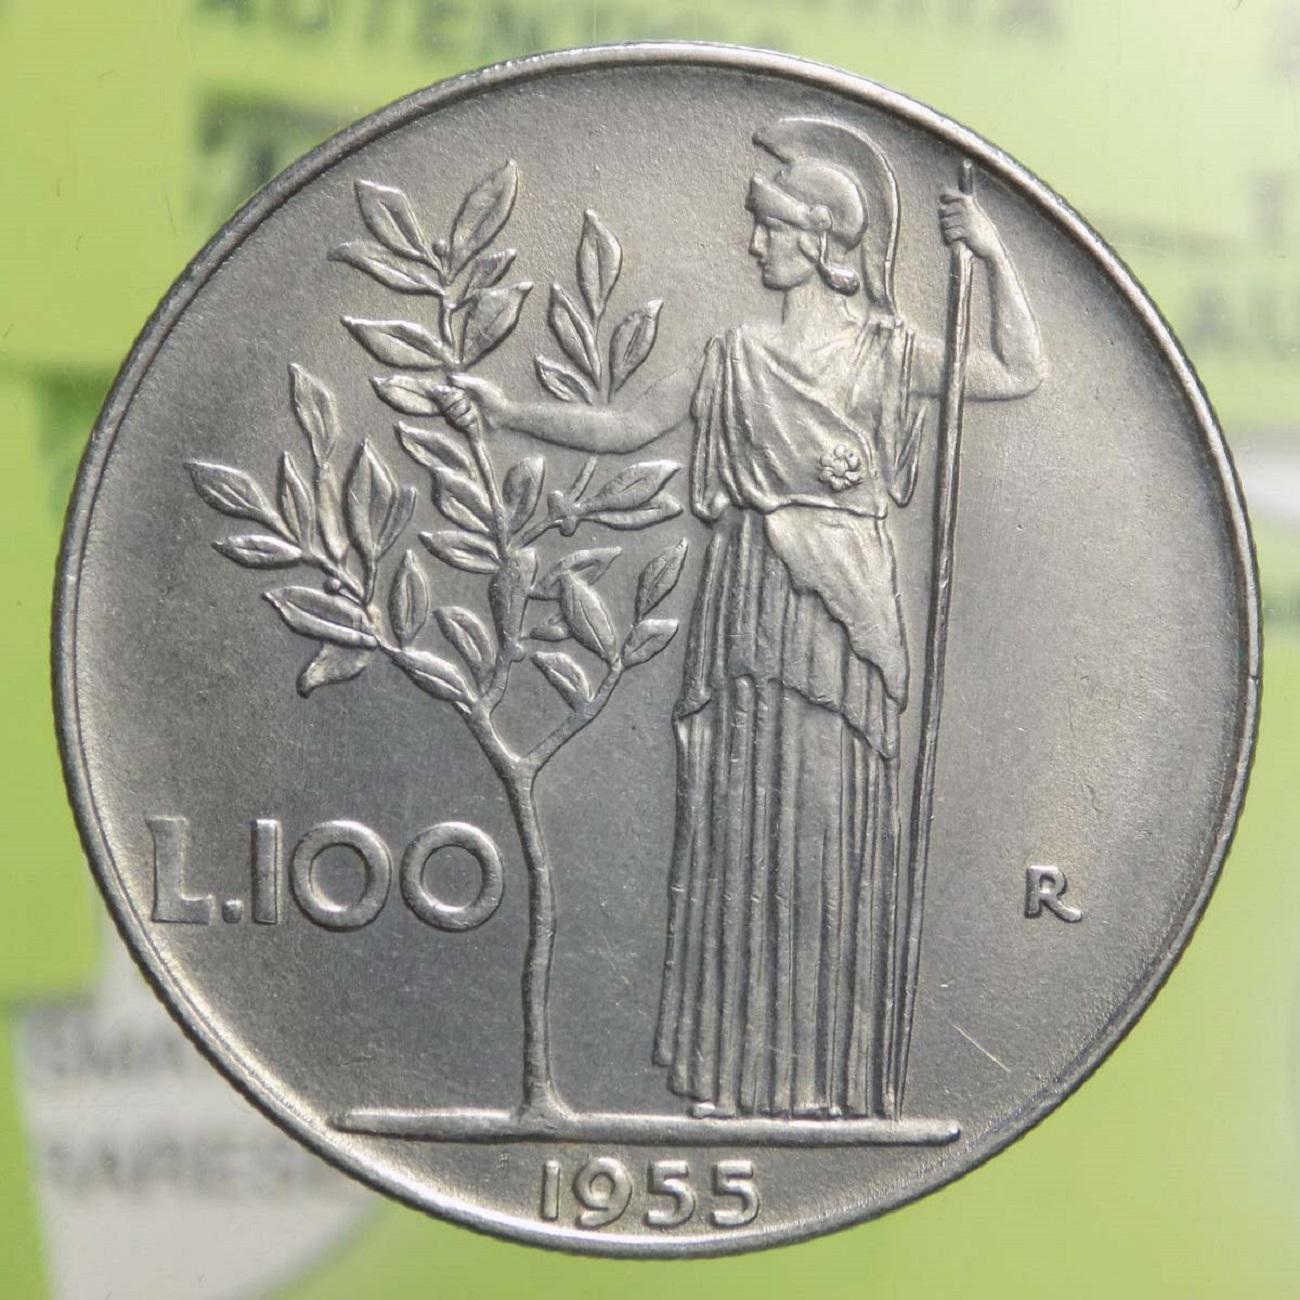 100 lire Minerva del 1955